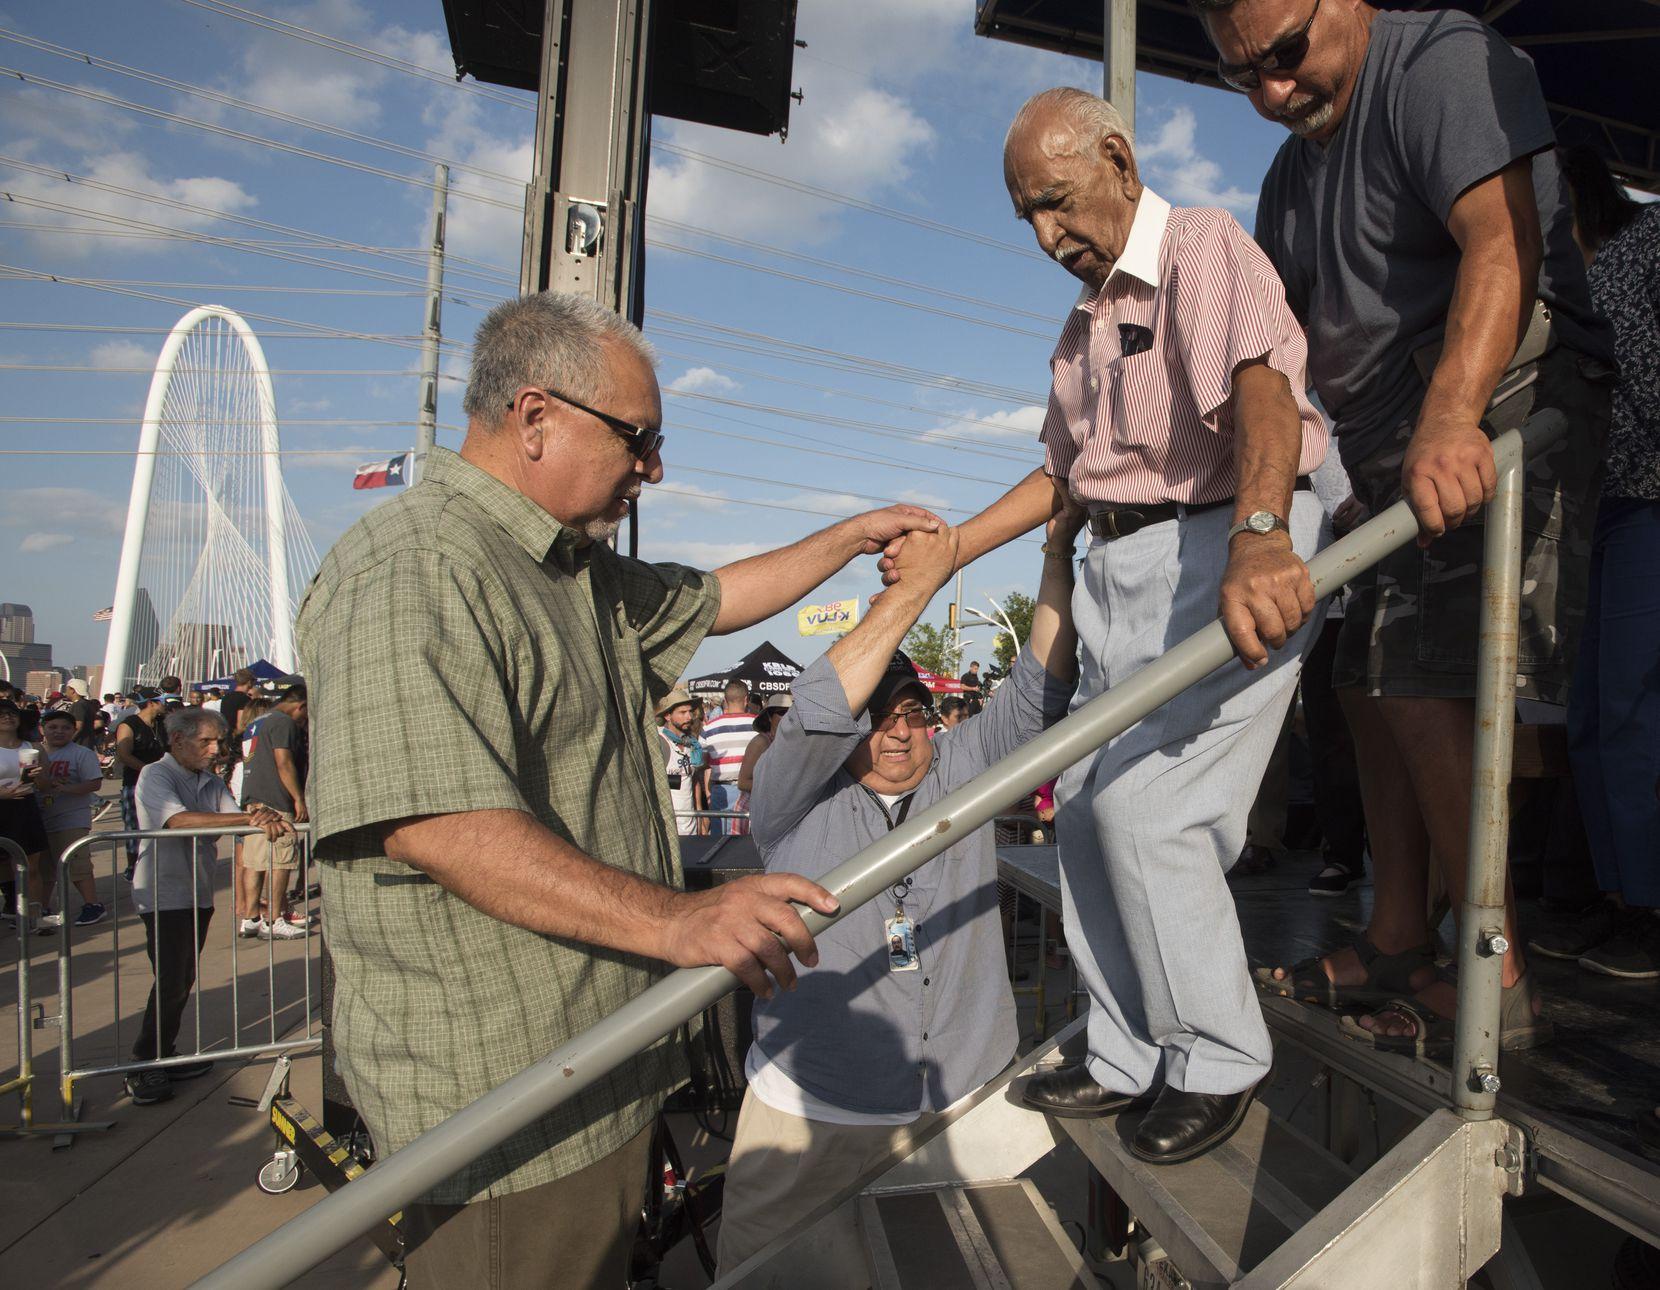 Felix H. Lozada Sr. recibe ayuda de sus hijos Joe Lozada (izquierda) y Raul Lozada durante el renombramiento del West Dallas Gateway, ahora llamado Felix H. Lozada Gateway, el domingo 3 de julio 2016. (Rex Curry/Contribución Especial)